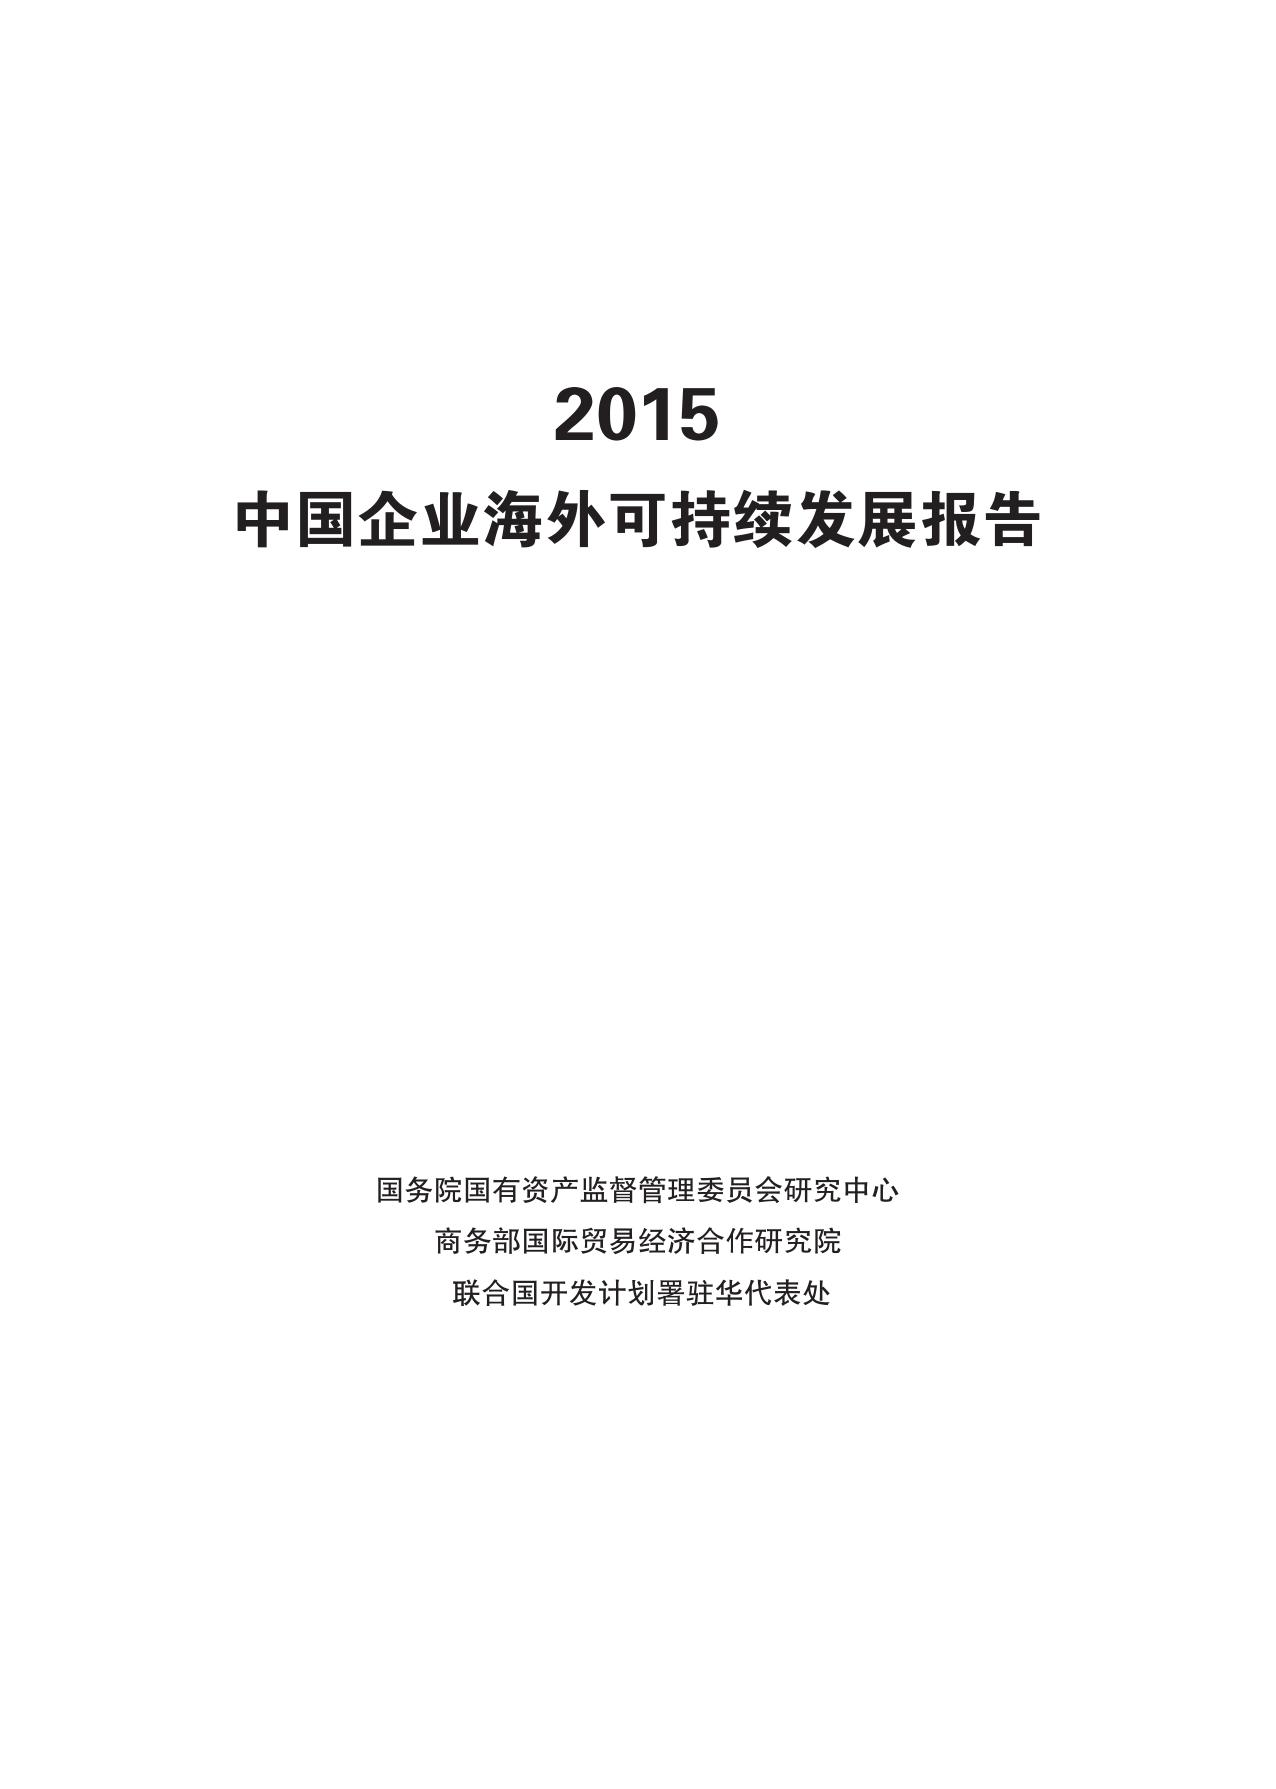 2015中国企业海外可持续发展报告_000002